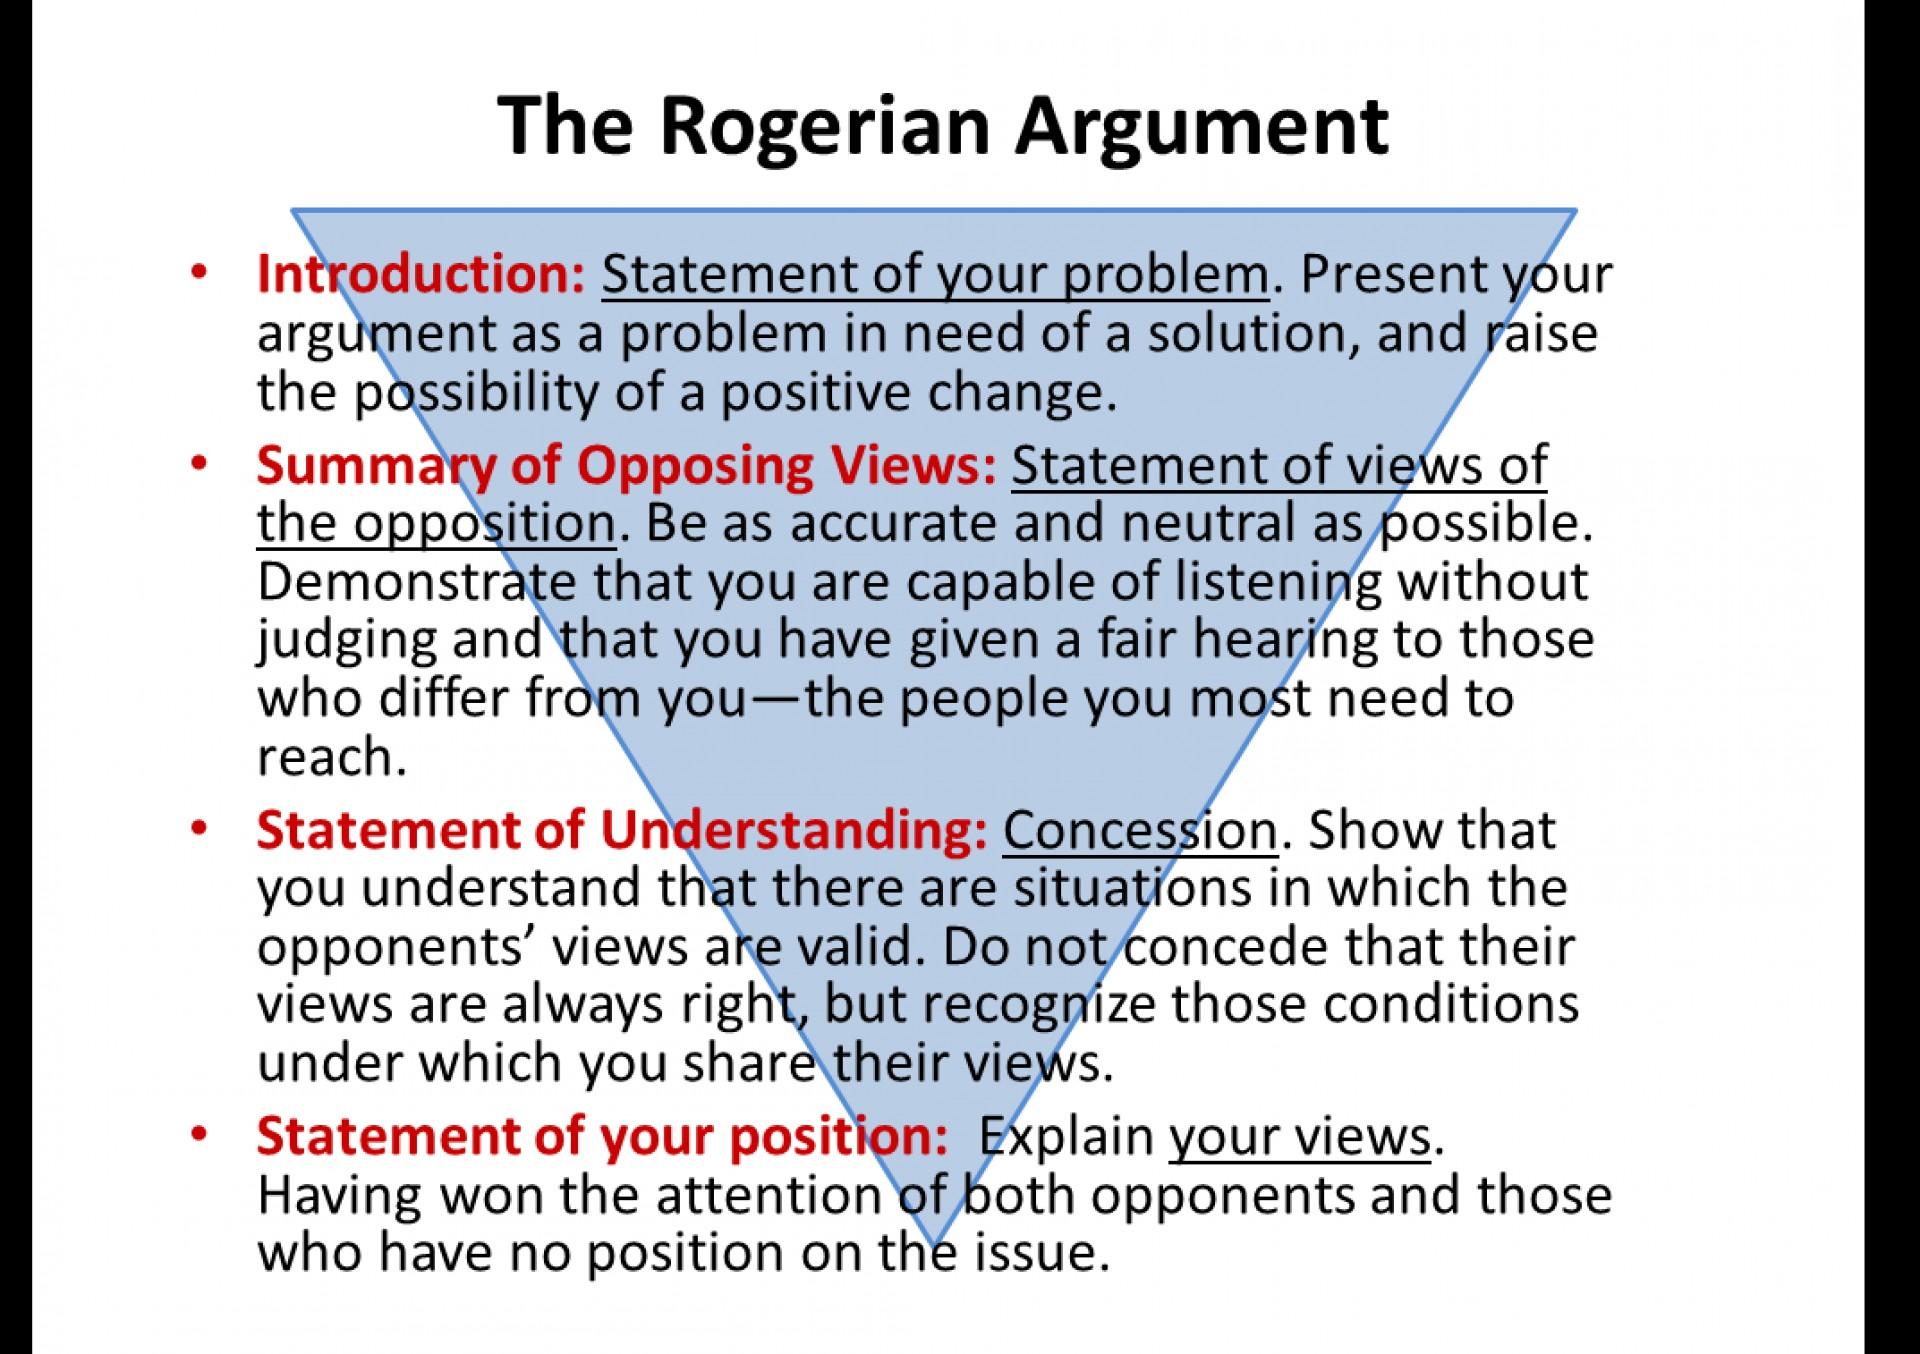 006 Rogerian Argument Essay Topics Roger1 Formidable Topic Ideas 1920